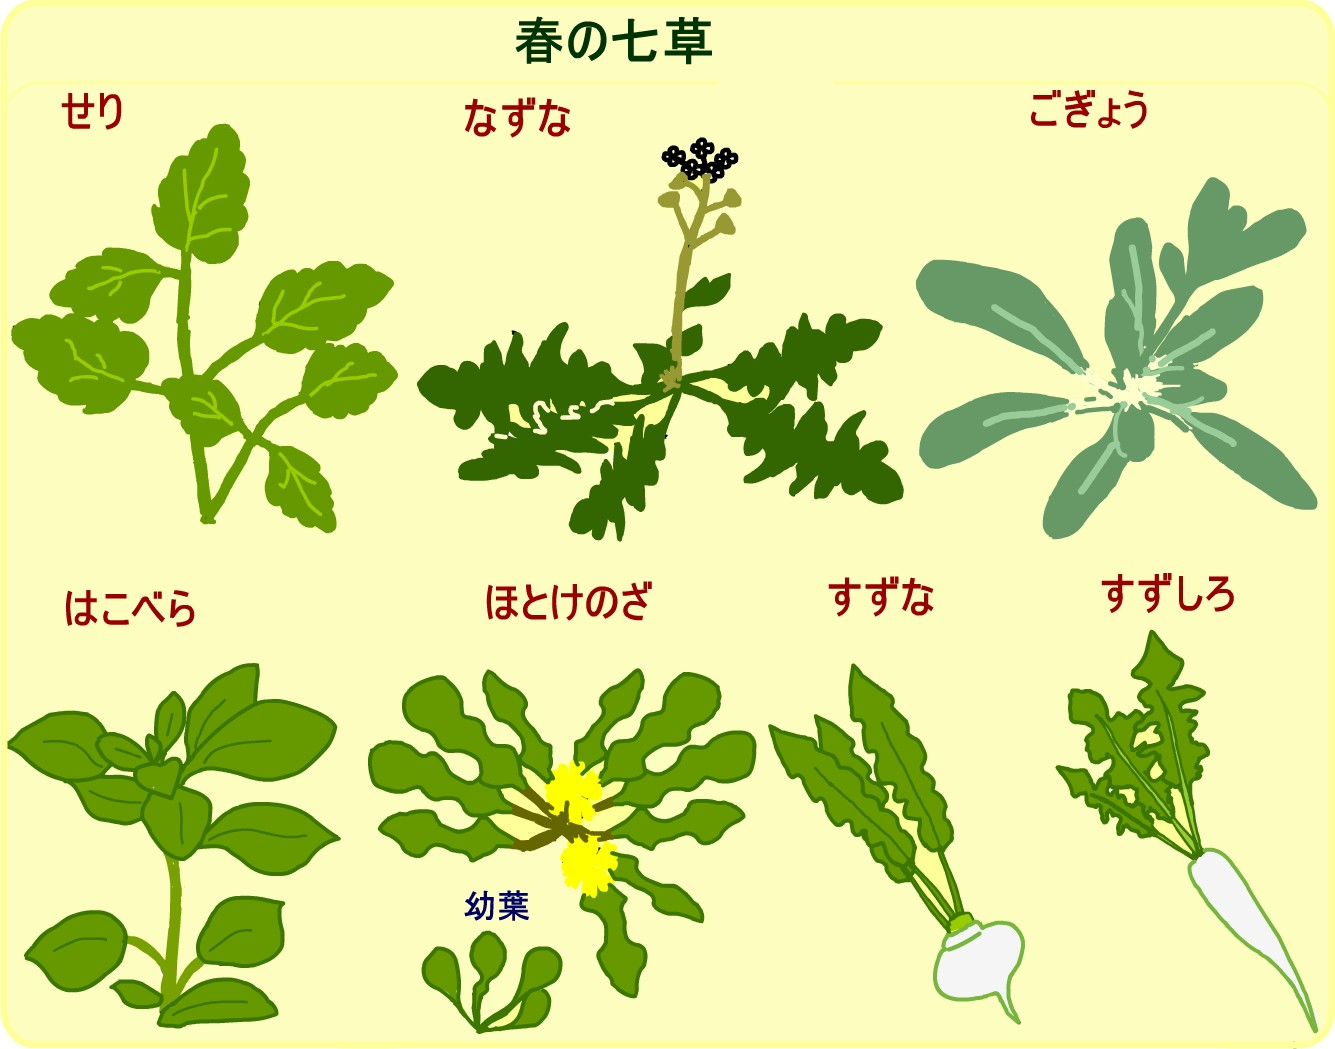 春の七草 一覧表